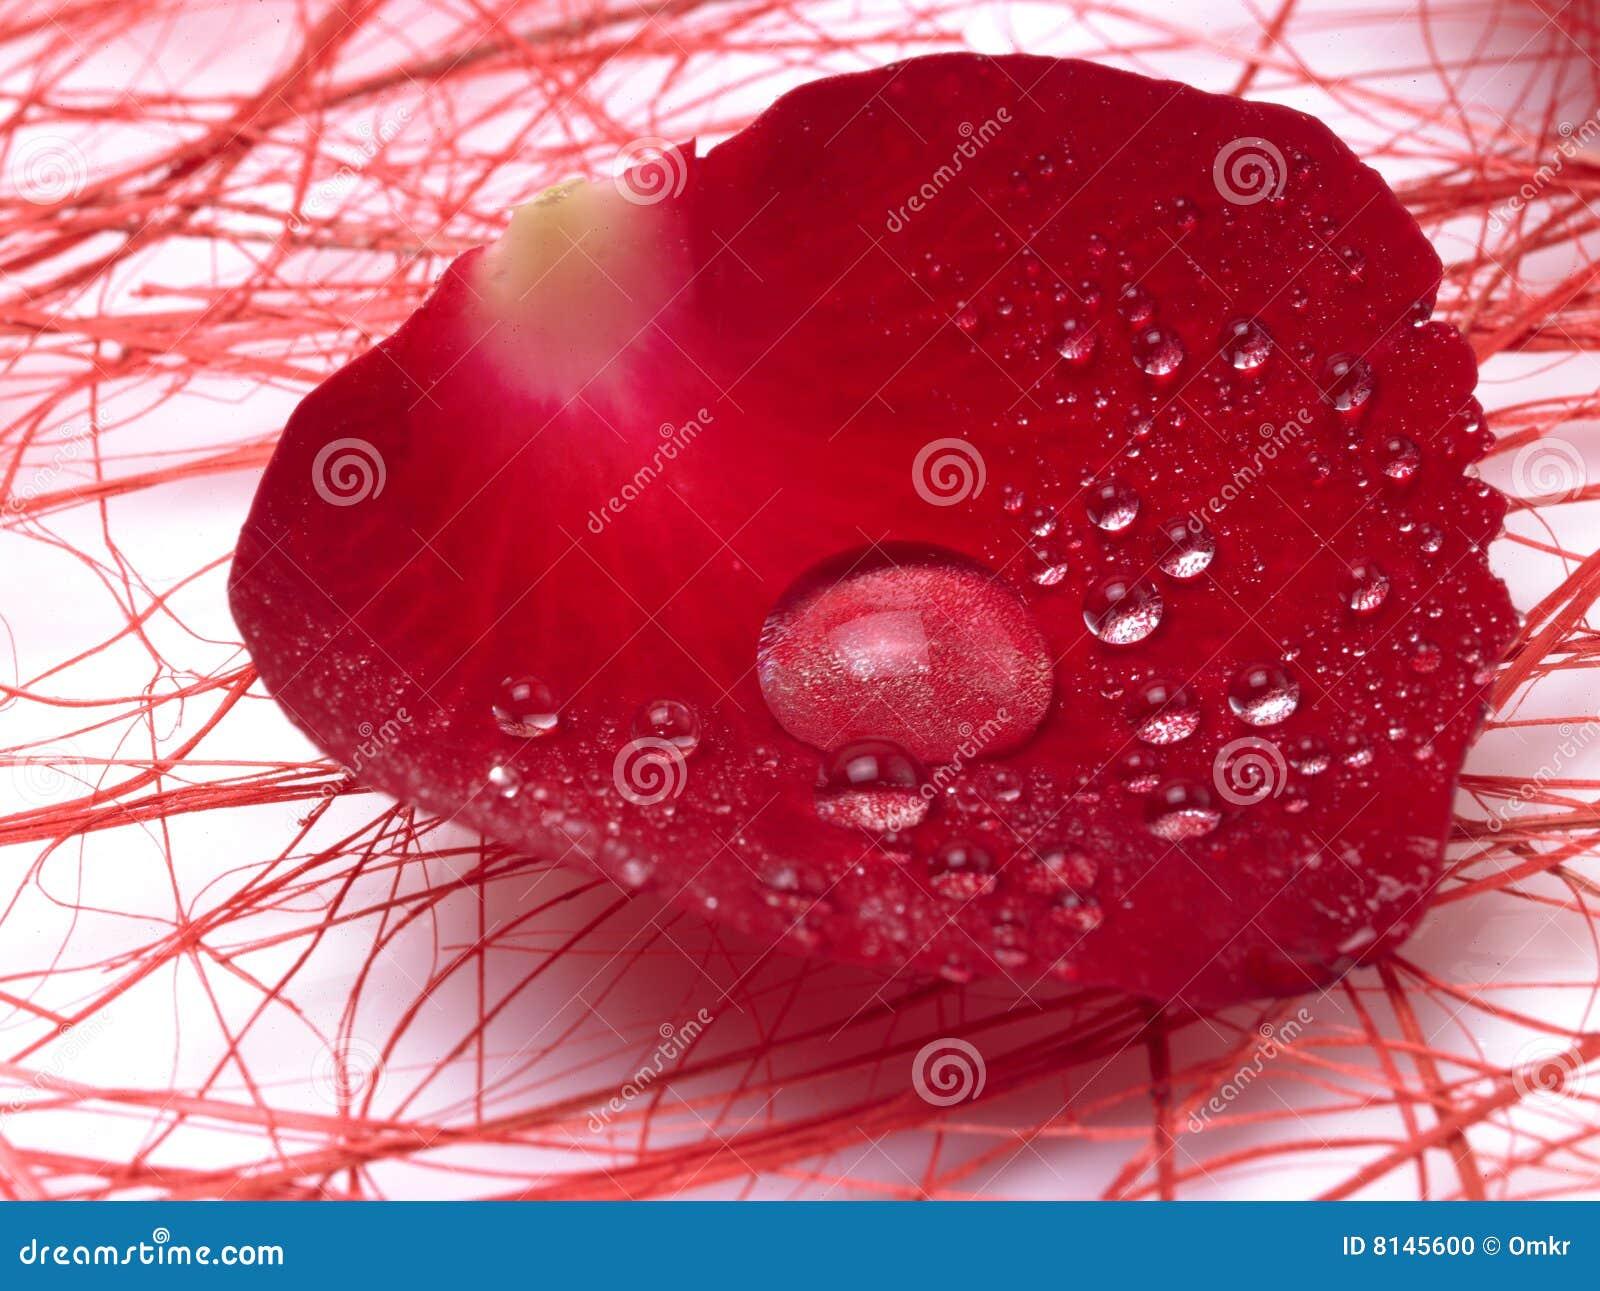 petal dating Petal online dating for petal singles 1,500,000 daily active members.